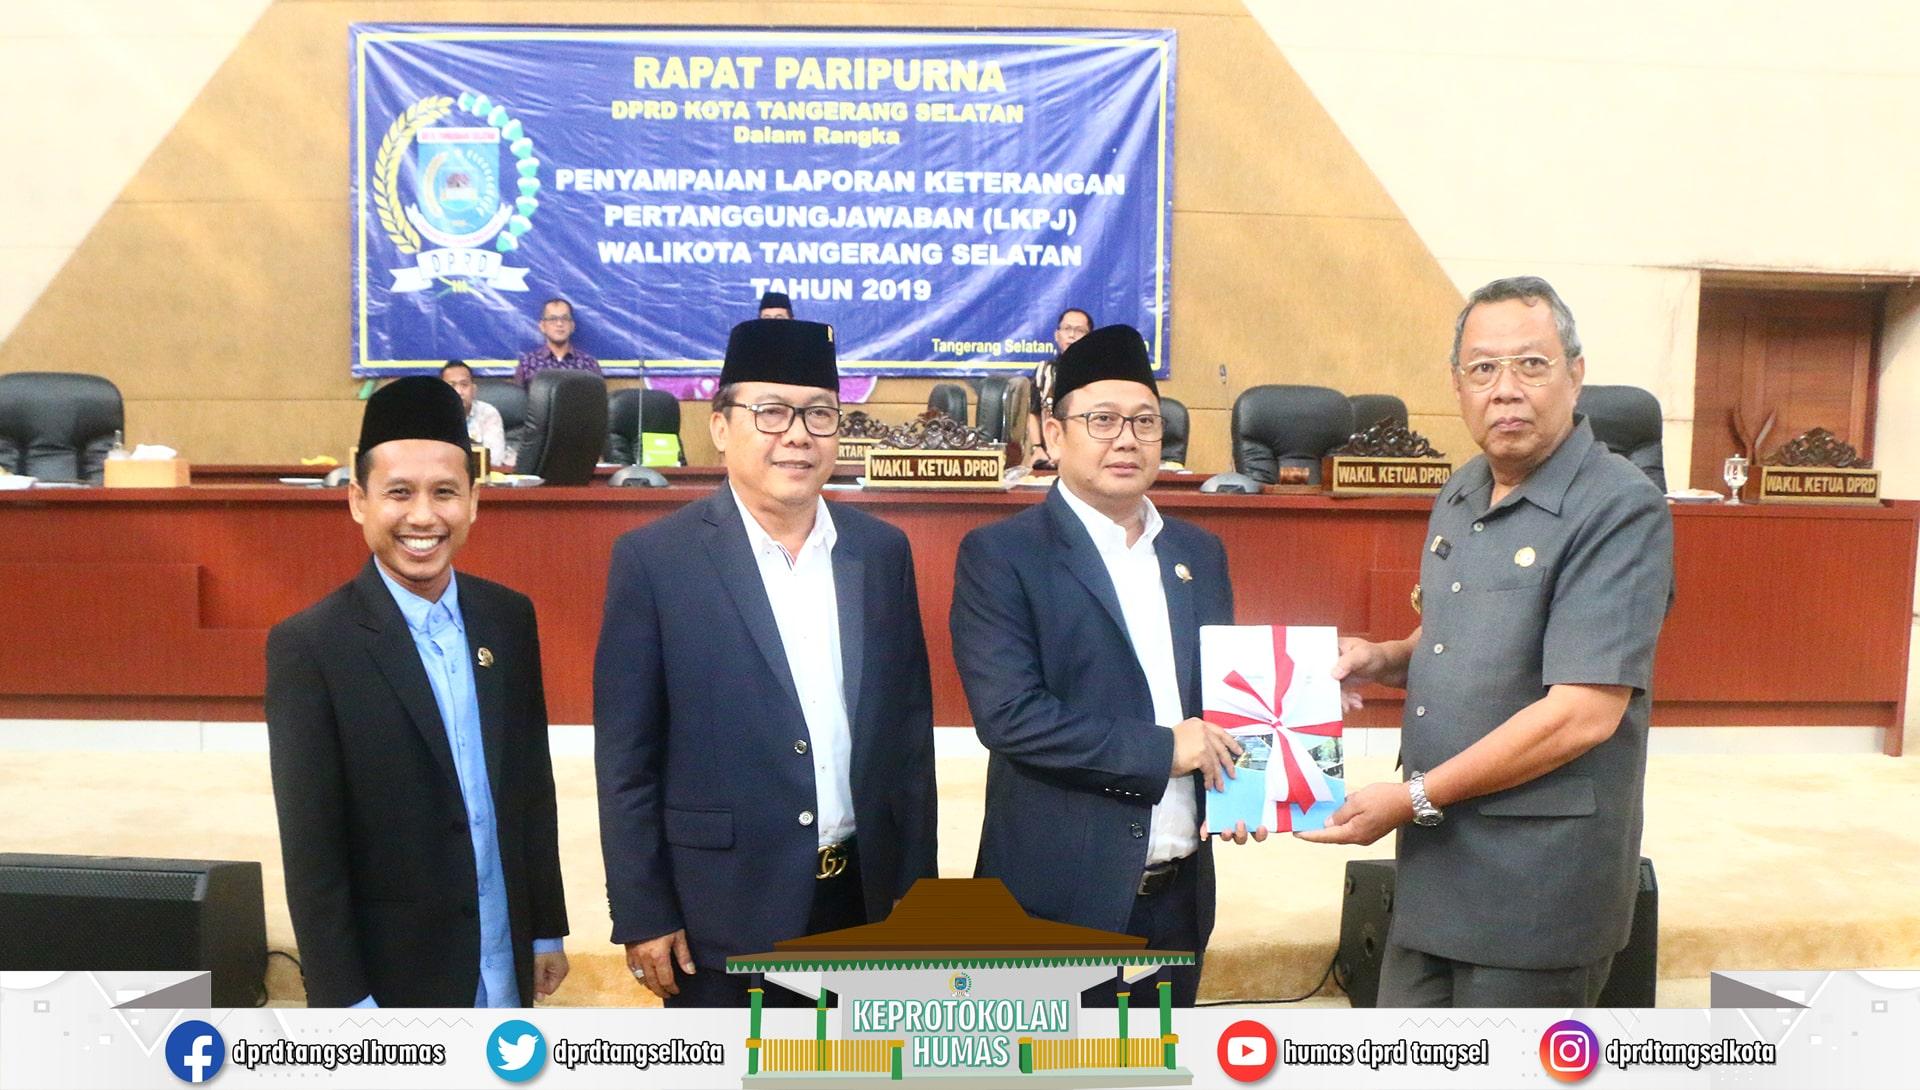 DPRD Gelar Rapat Paripurna Penyampaian LKPJ Walikota Tahun 2019